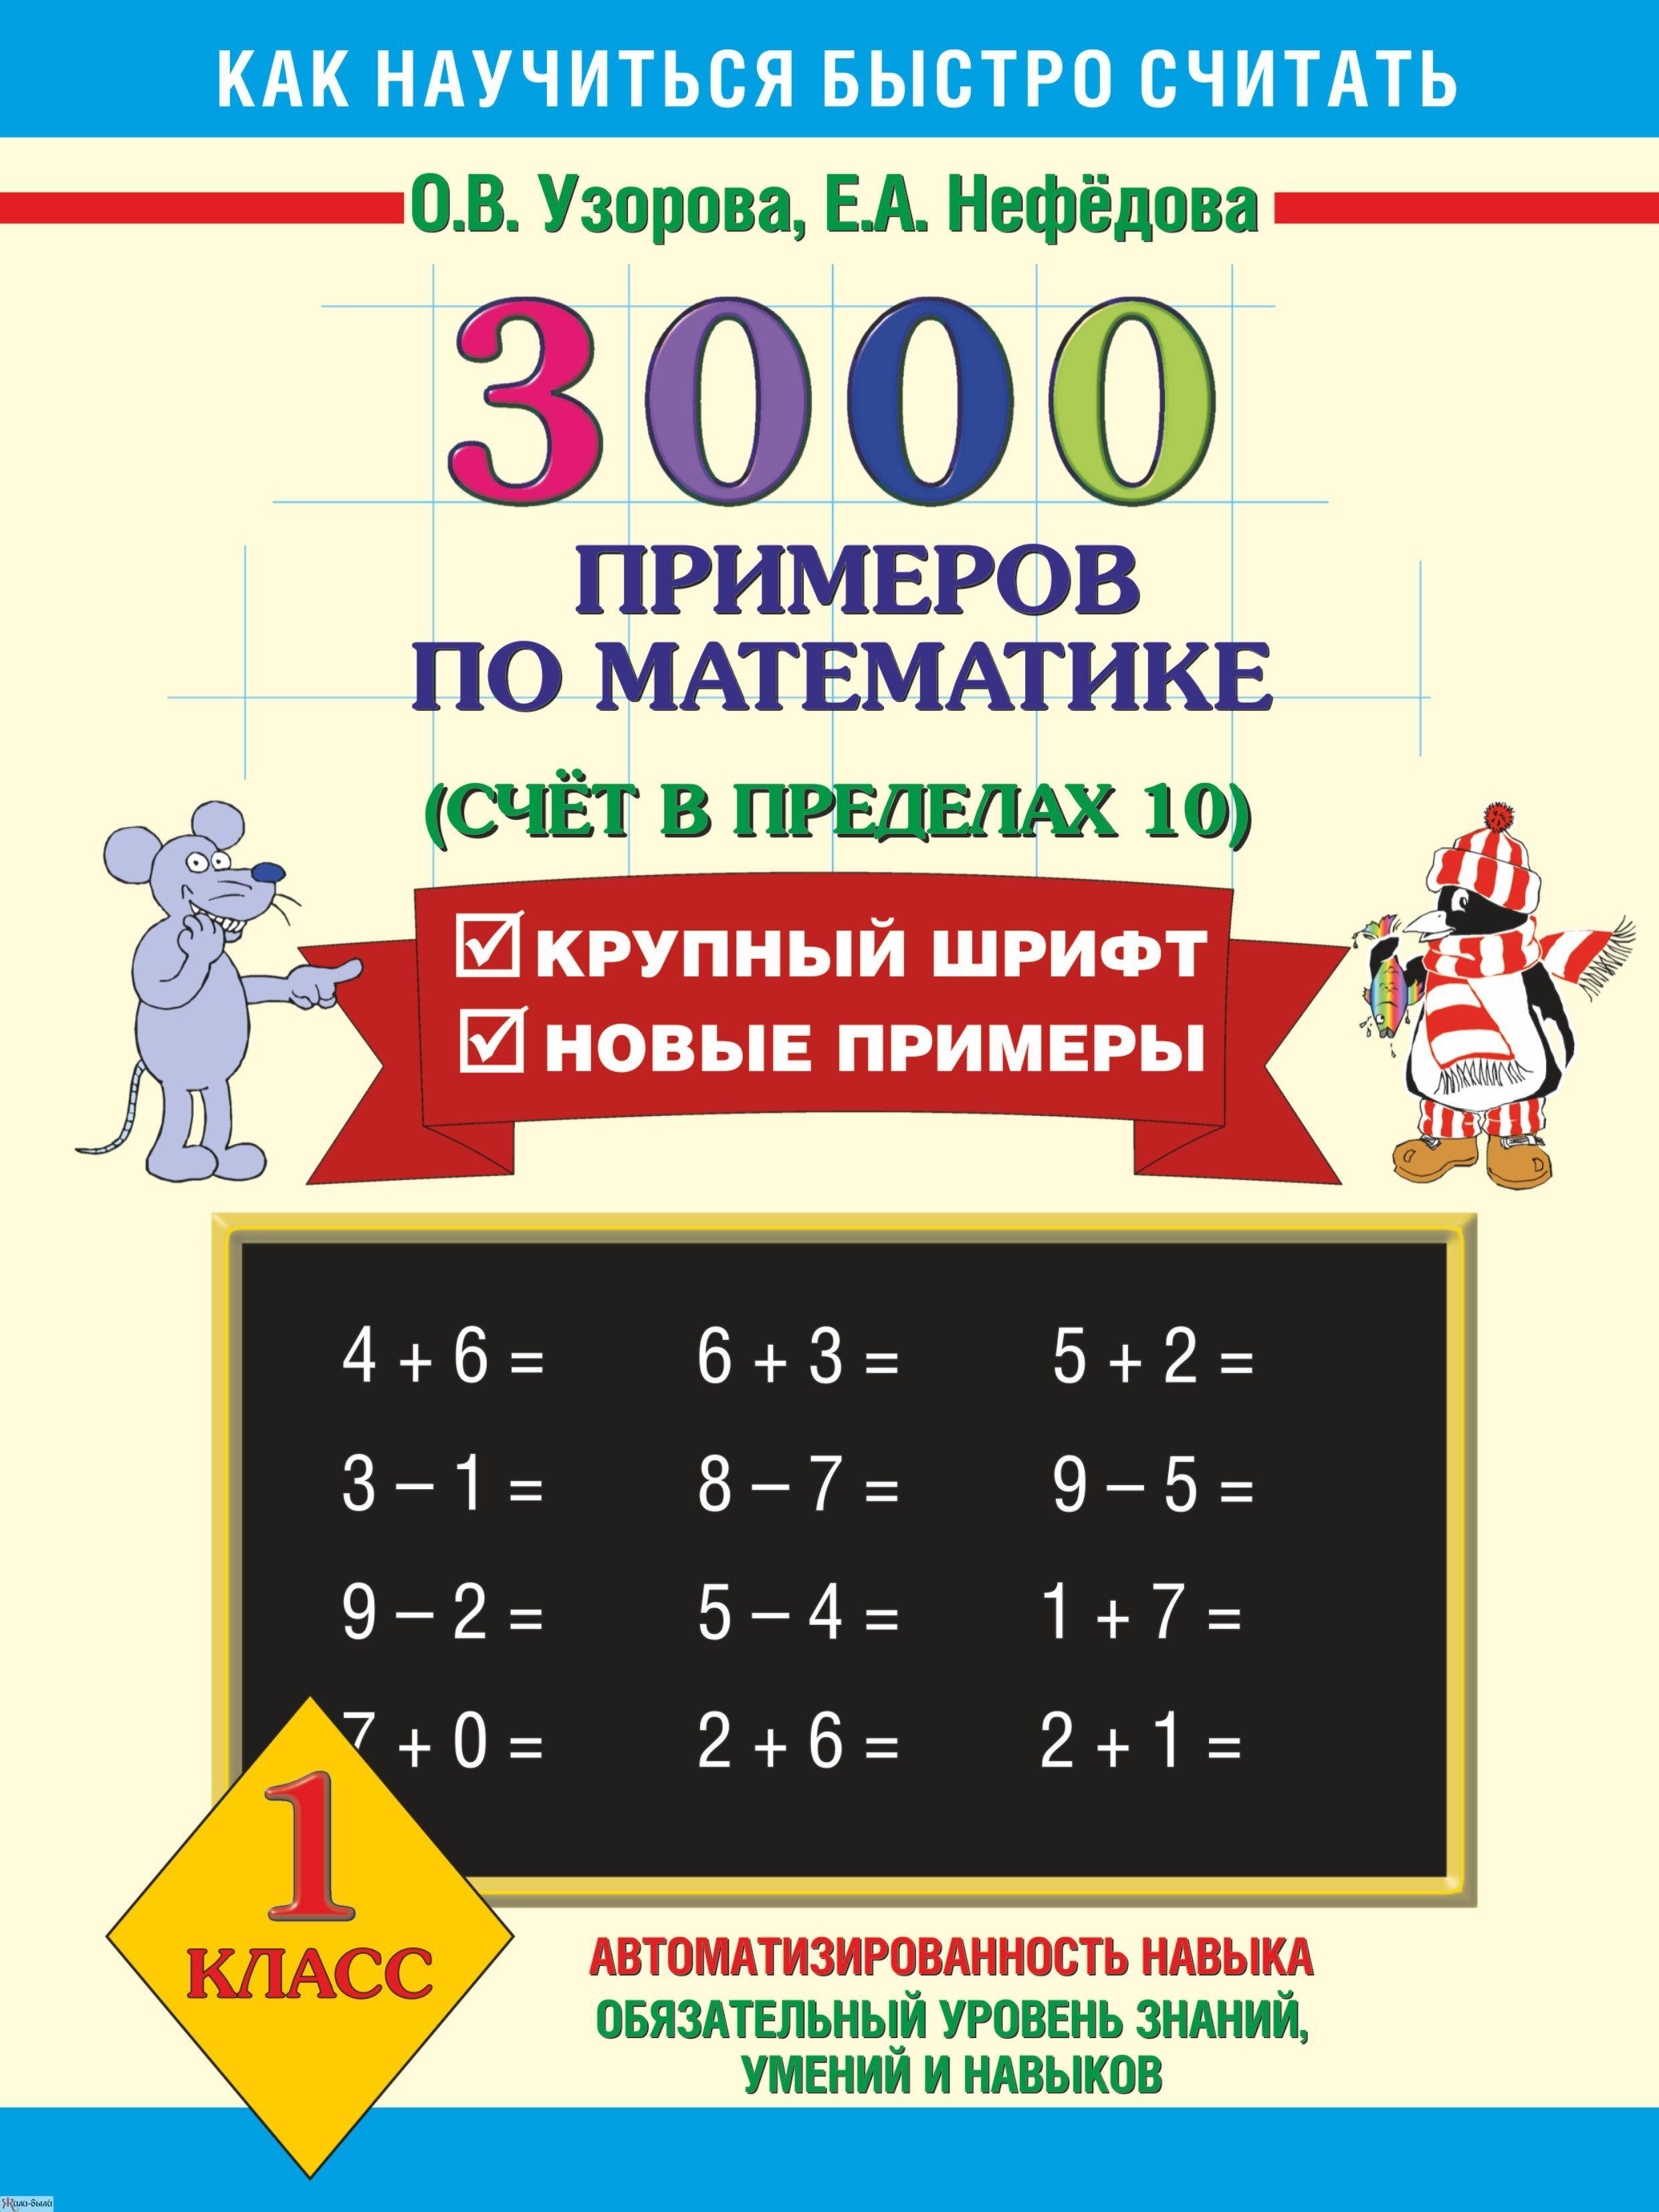 Скачать бесплатно узорова 3000 примеры по математике 2 класс